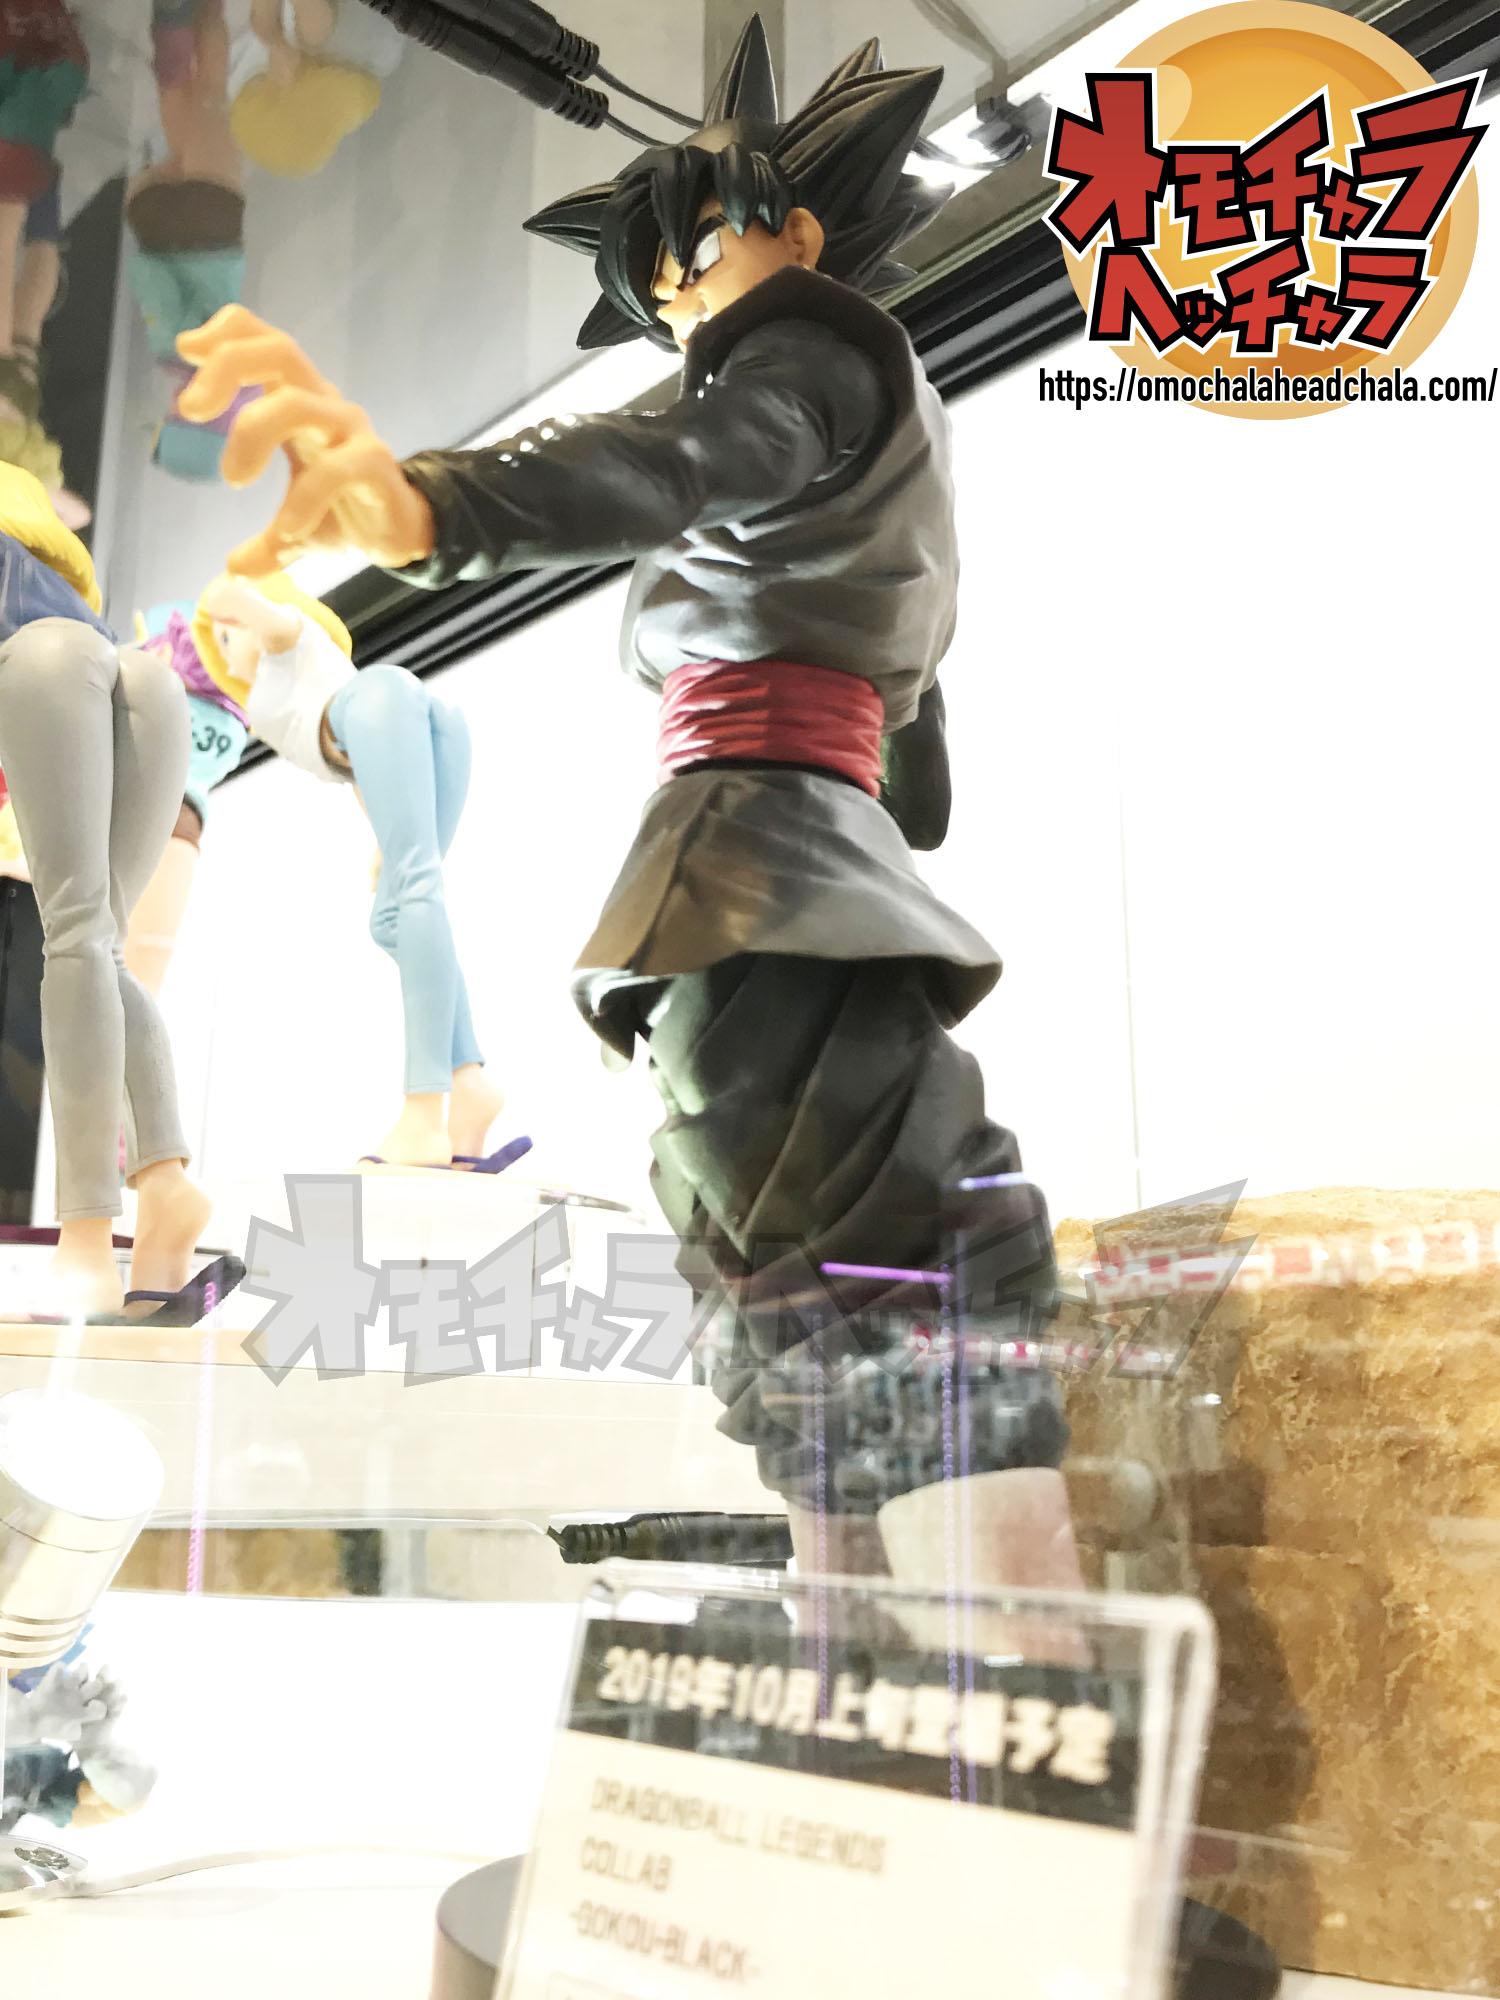 ドラゴンボールフィギュアレビューブログのLEGENDS COLLAB-GOKOU-BLACK-(レジェンズコラボ ゴクウブラック)